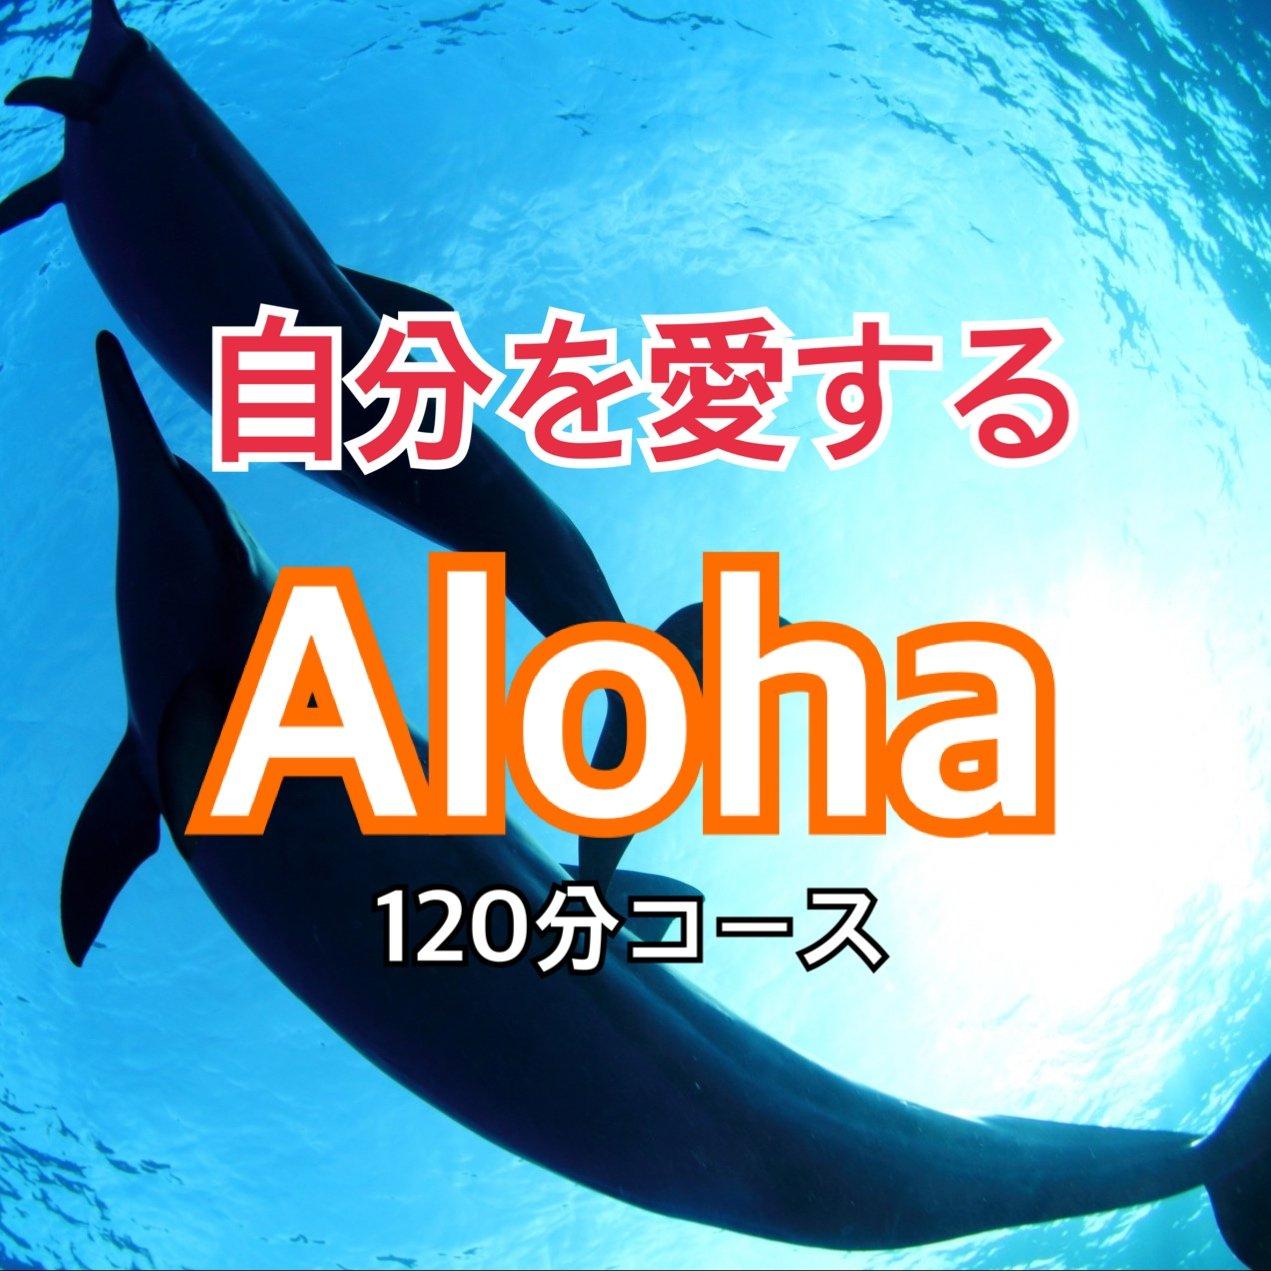 自分を愛するAloha(アロハ)コース¥21,600(120分)のイメージその1